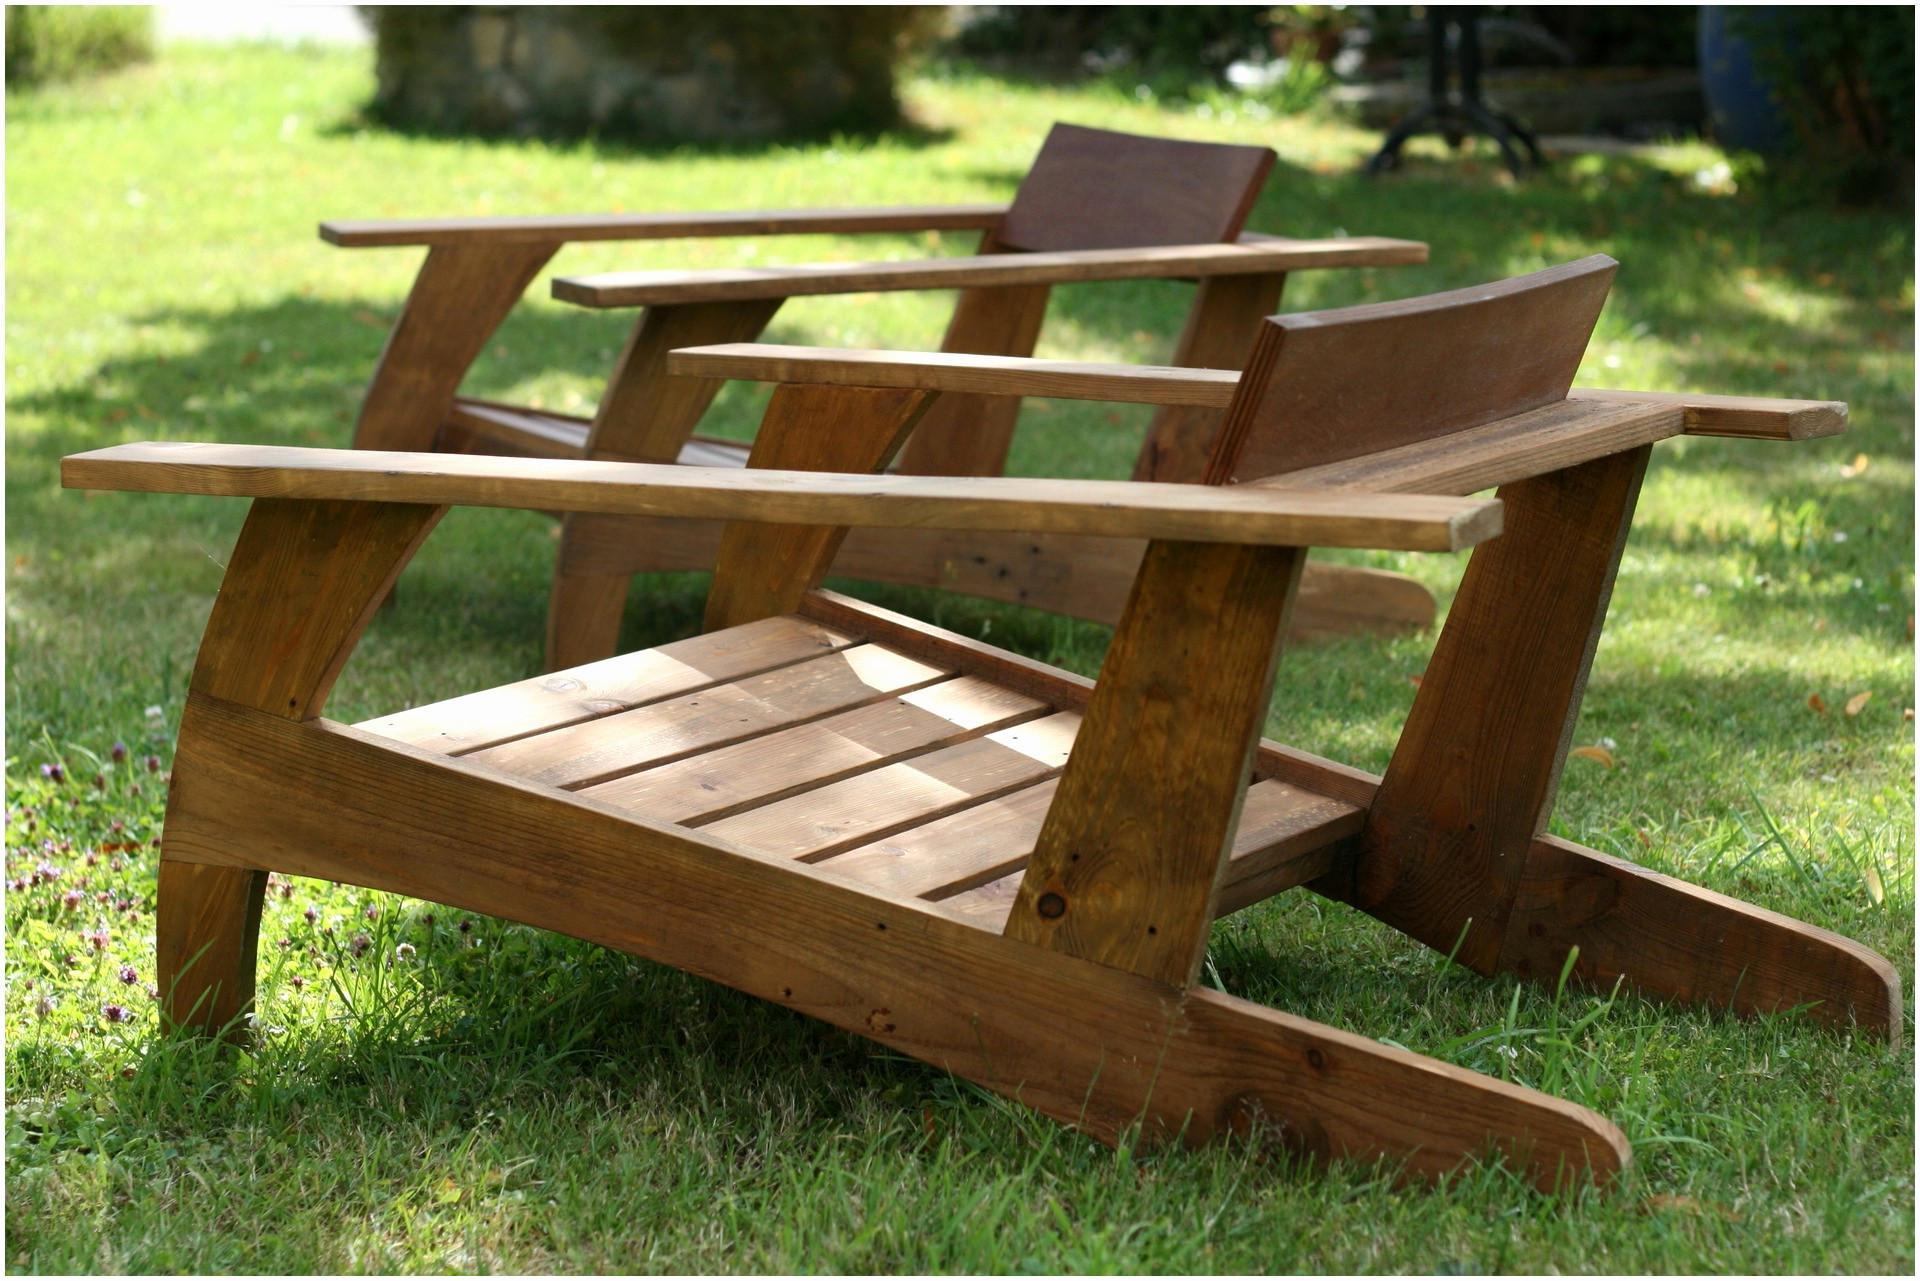 meuble en palette plan chaise en palette plan nouveau meuble en palette plan fresh meuble of meuble en palette plan